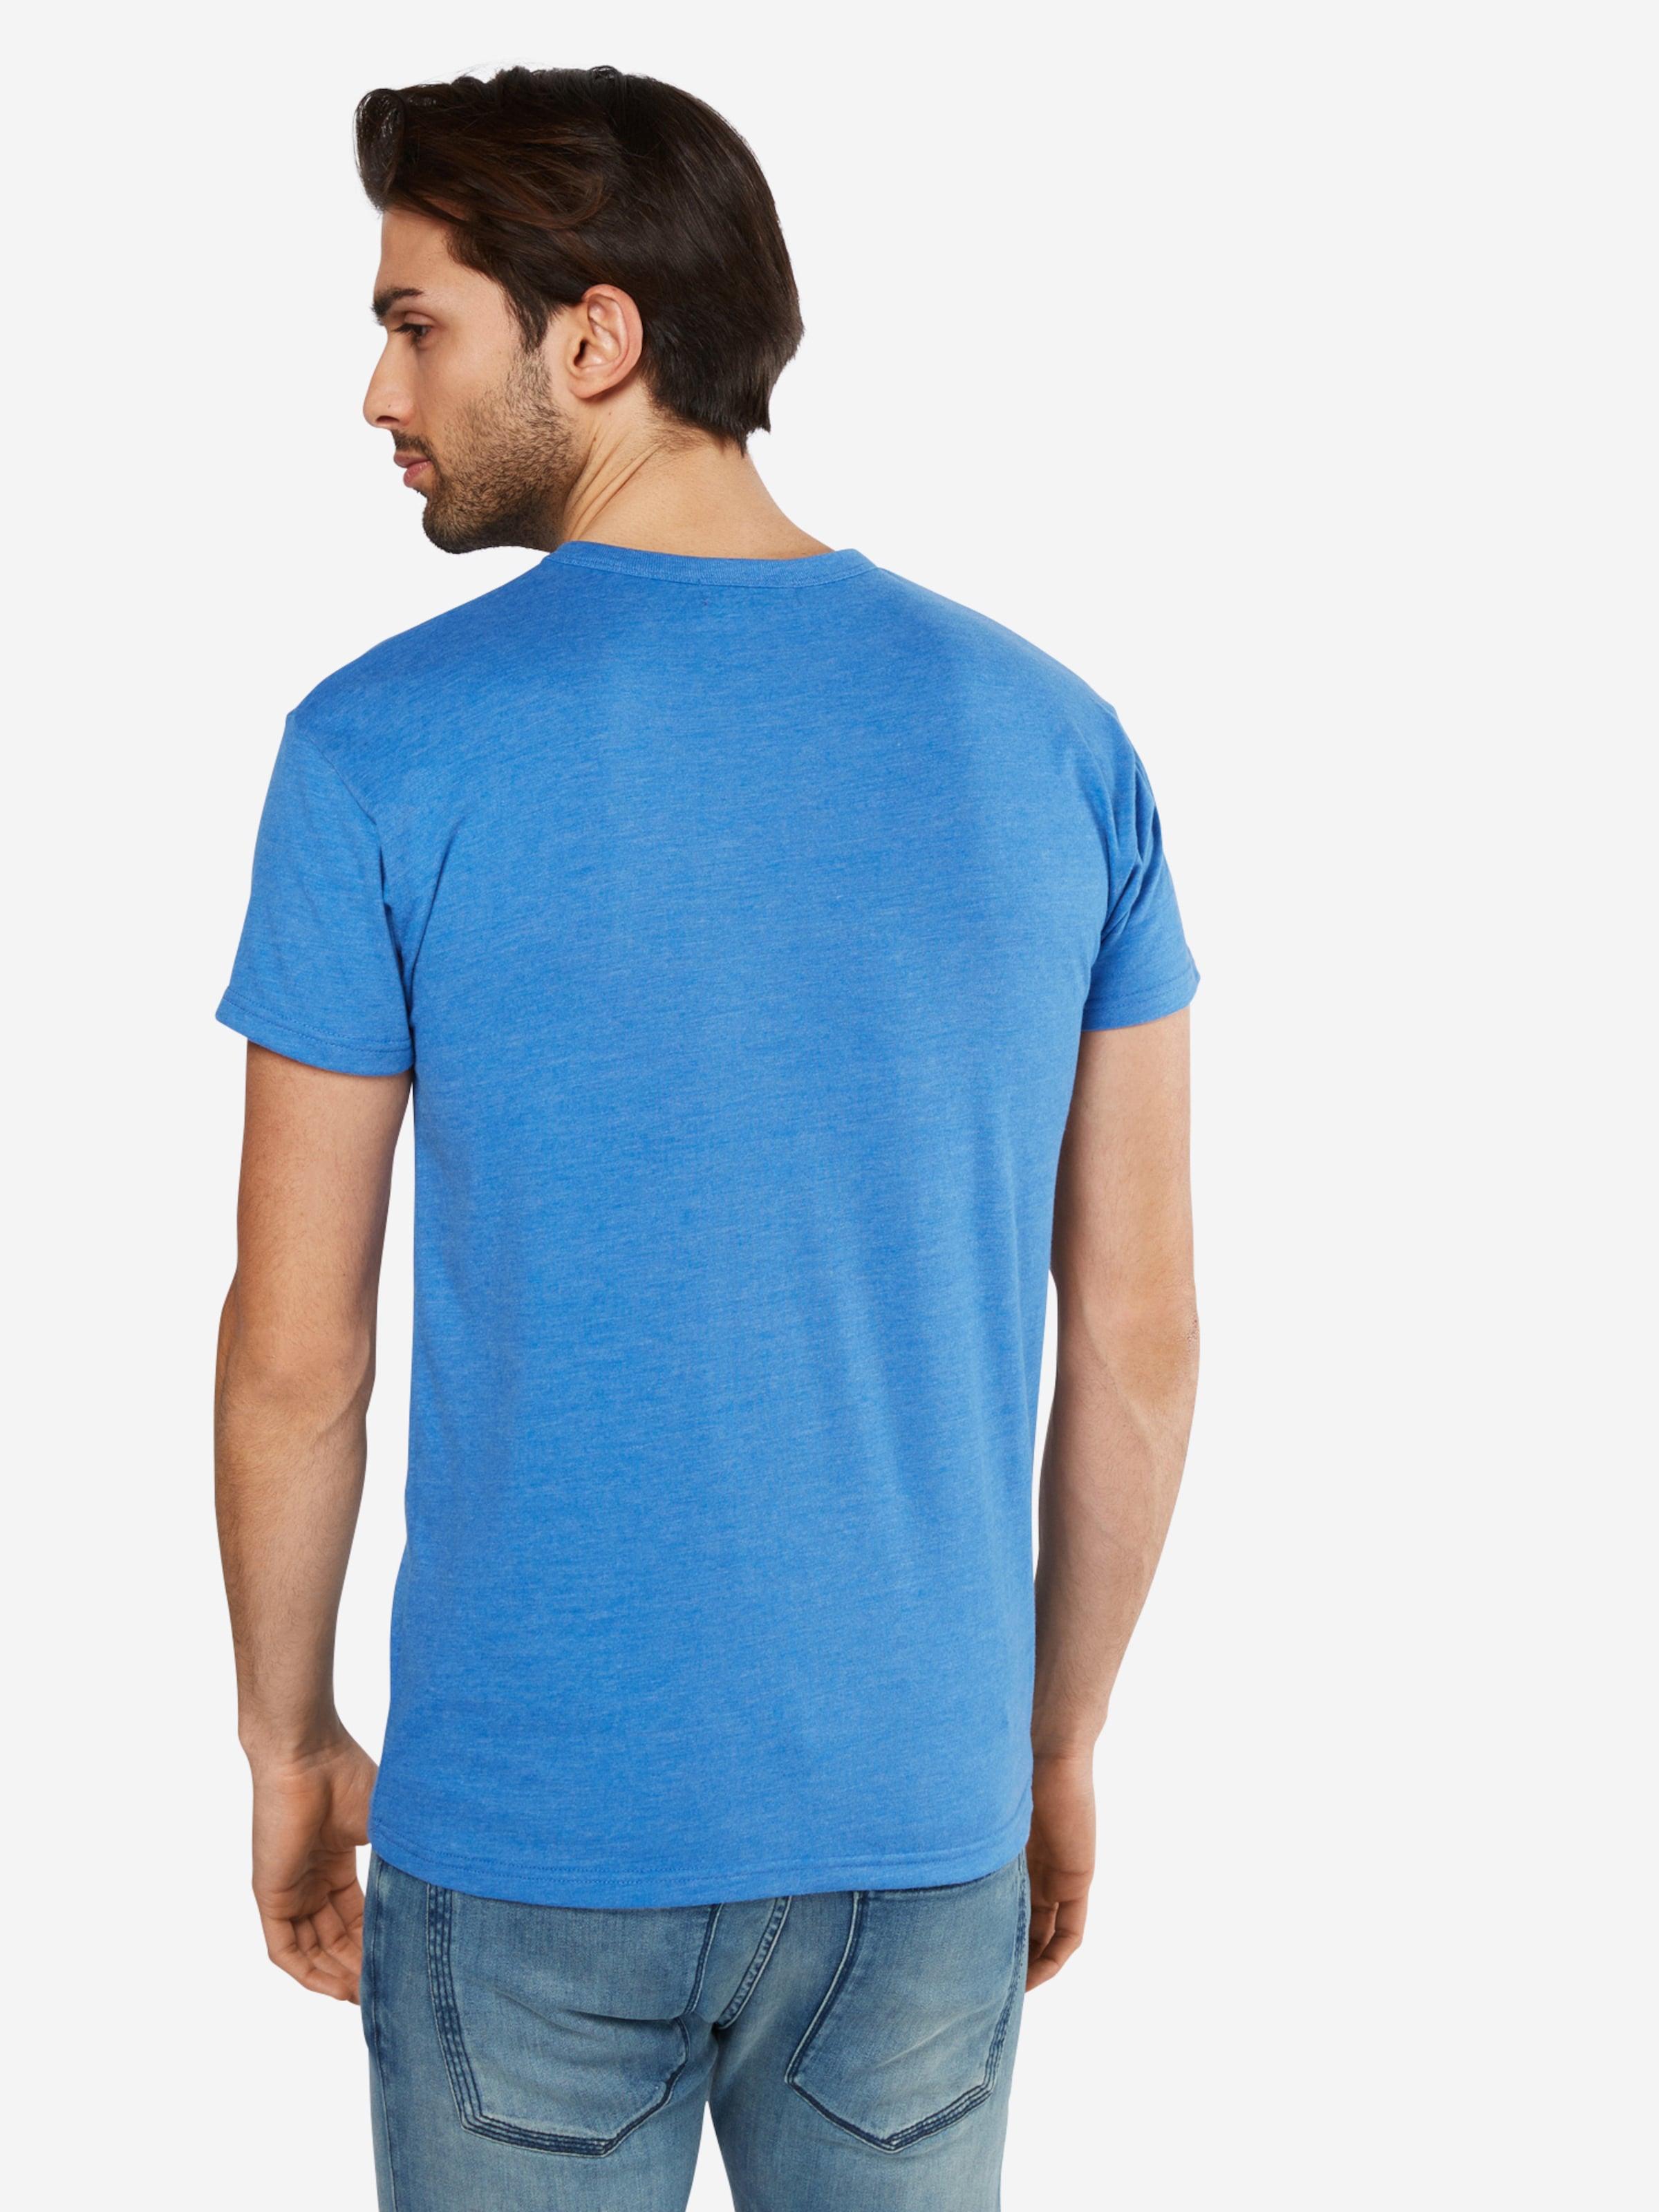 Günstig Kaufen Für Billig Derbe T-Shirt 'Sabbelt' Günstiger Online-Shop Billig Verkauf Kauf ucz05rWon